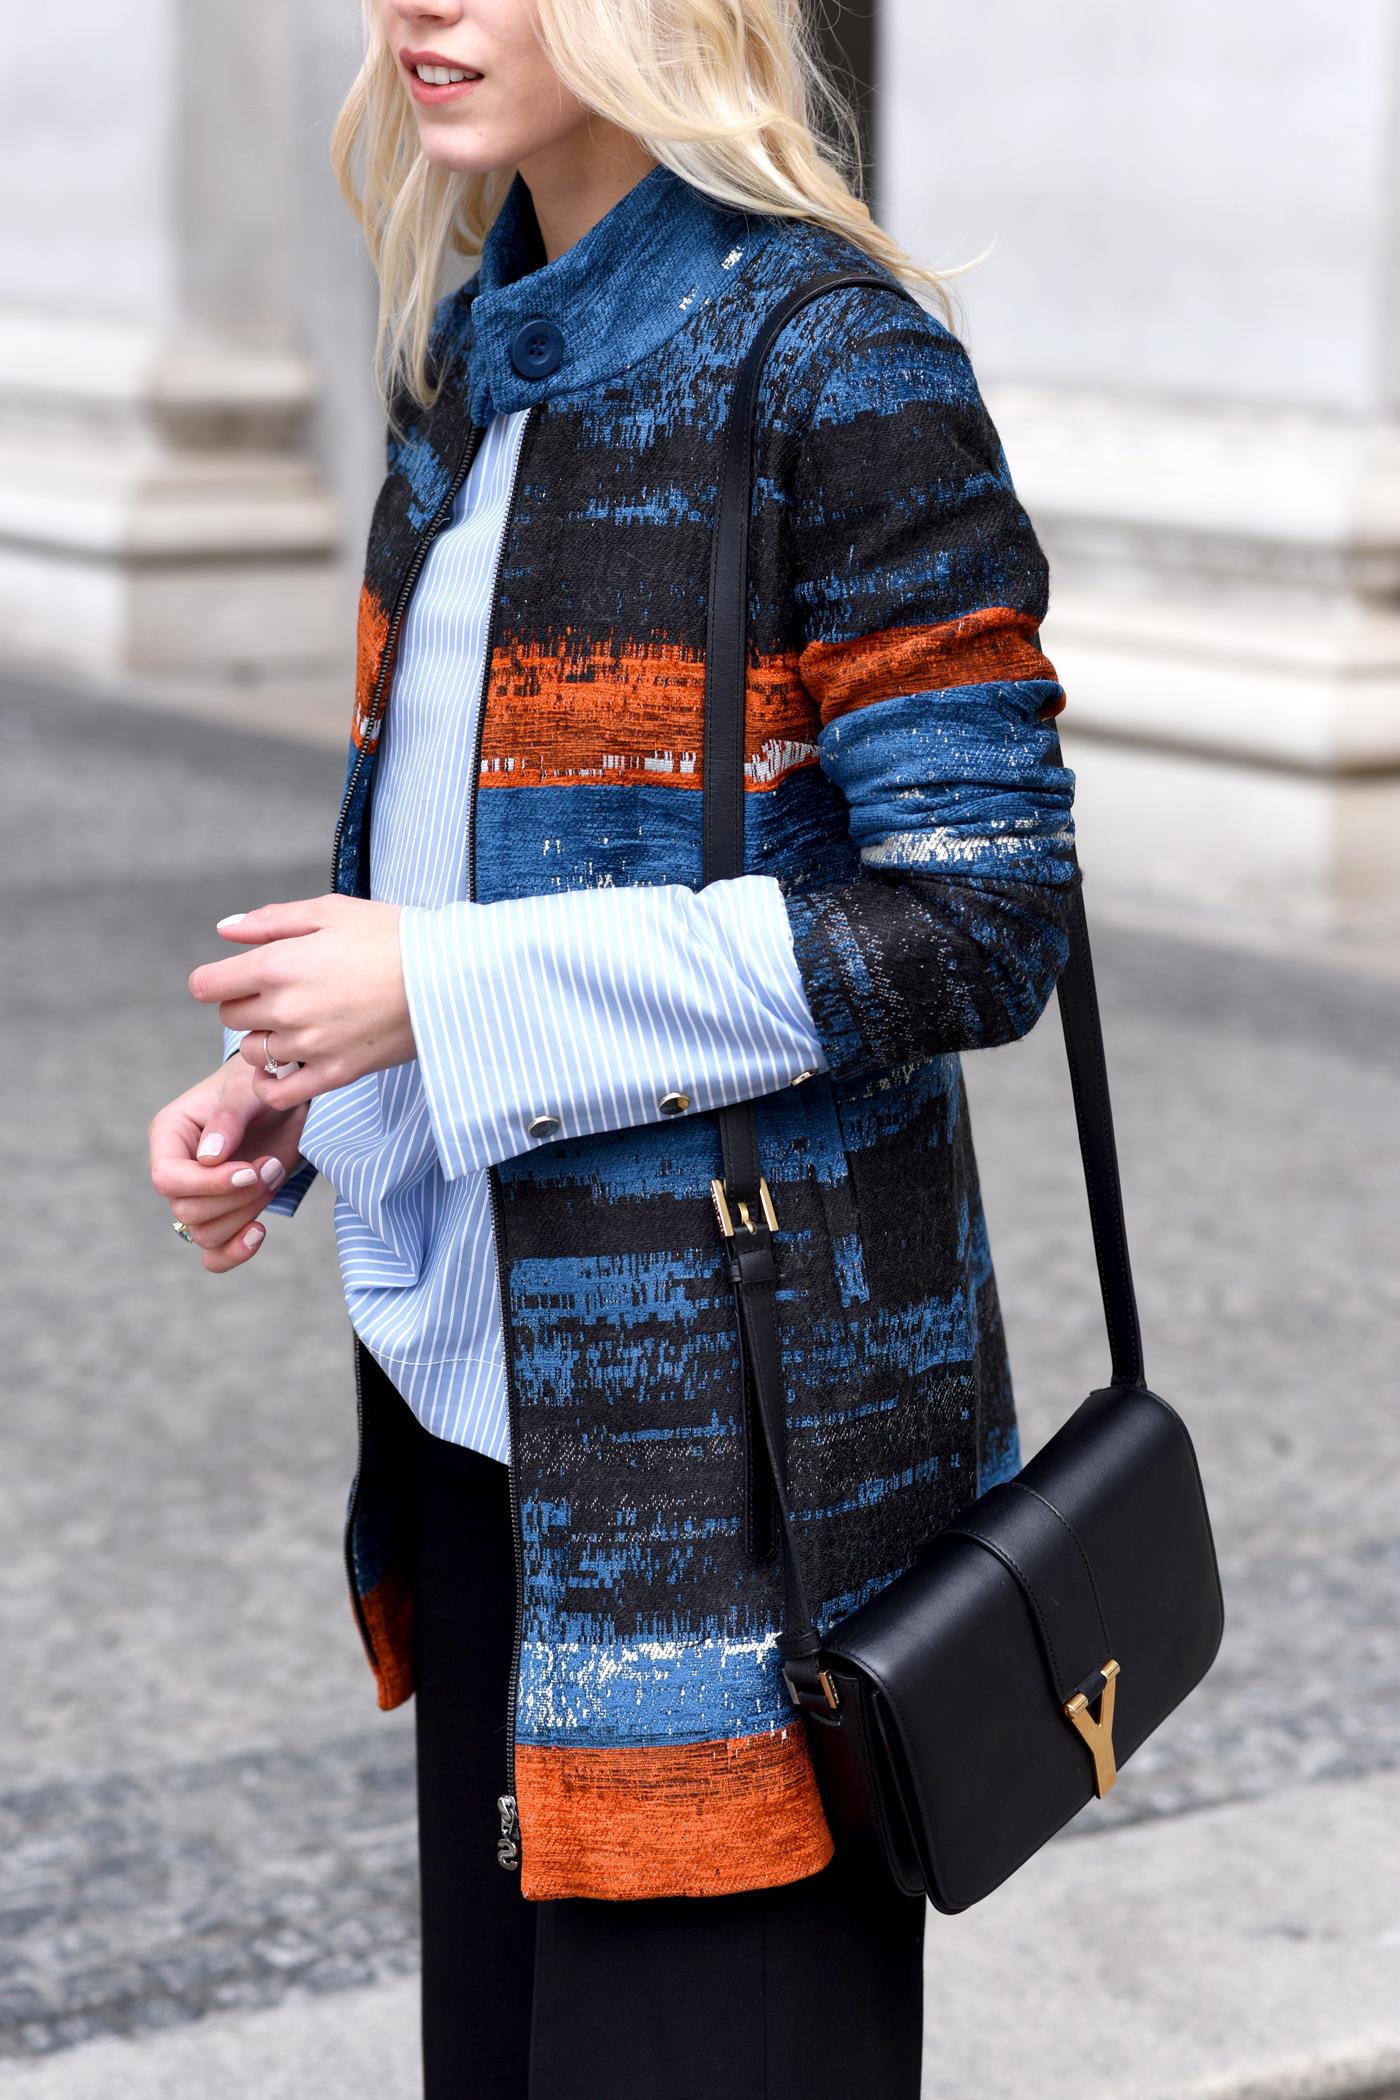 desigual_mantel_somehappyshoes_fashionblog